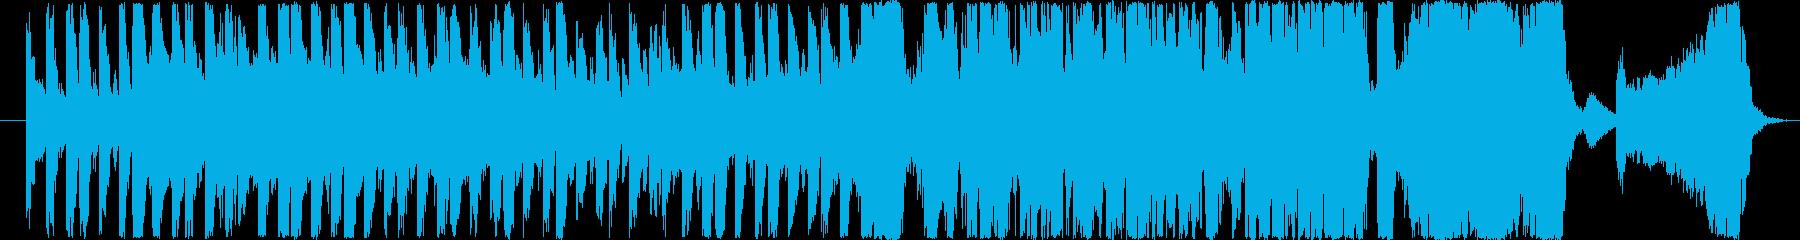 勇ましく力強いミュージックの再生済みの波形